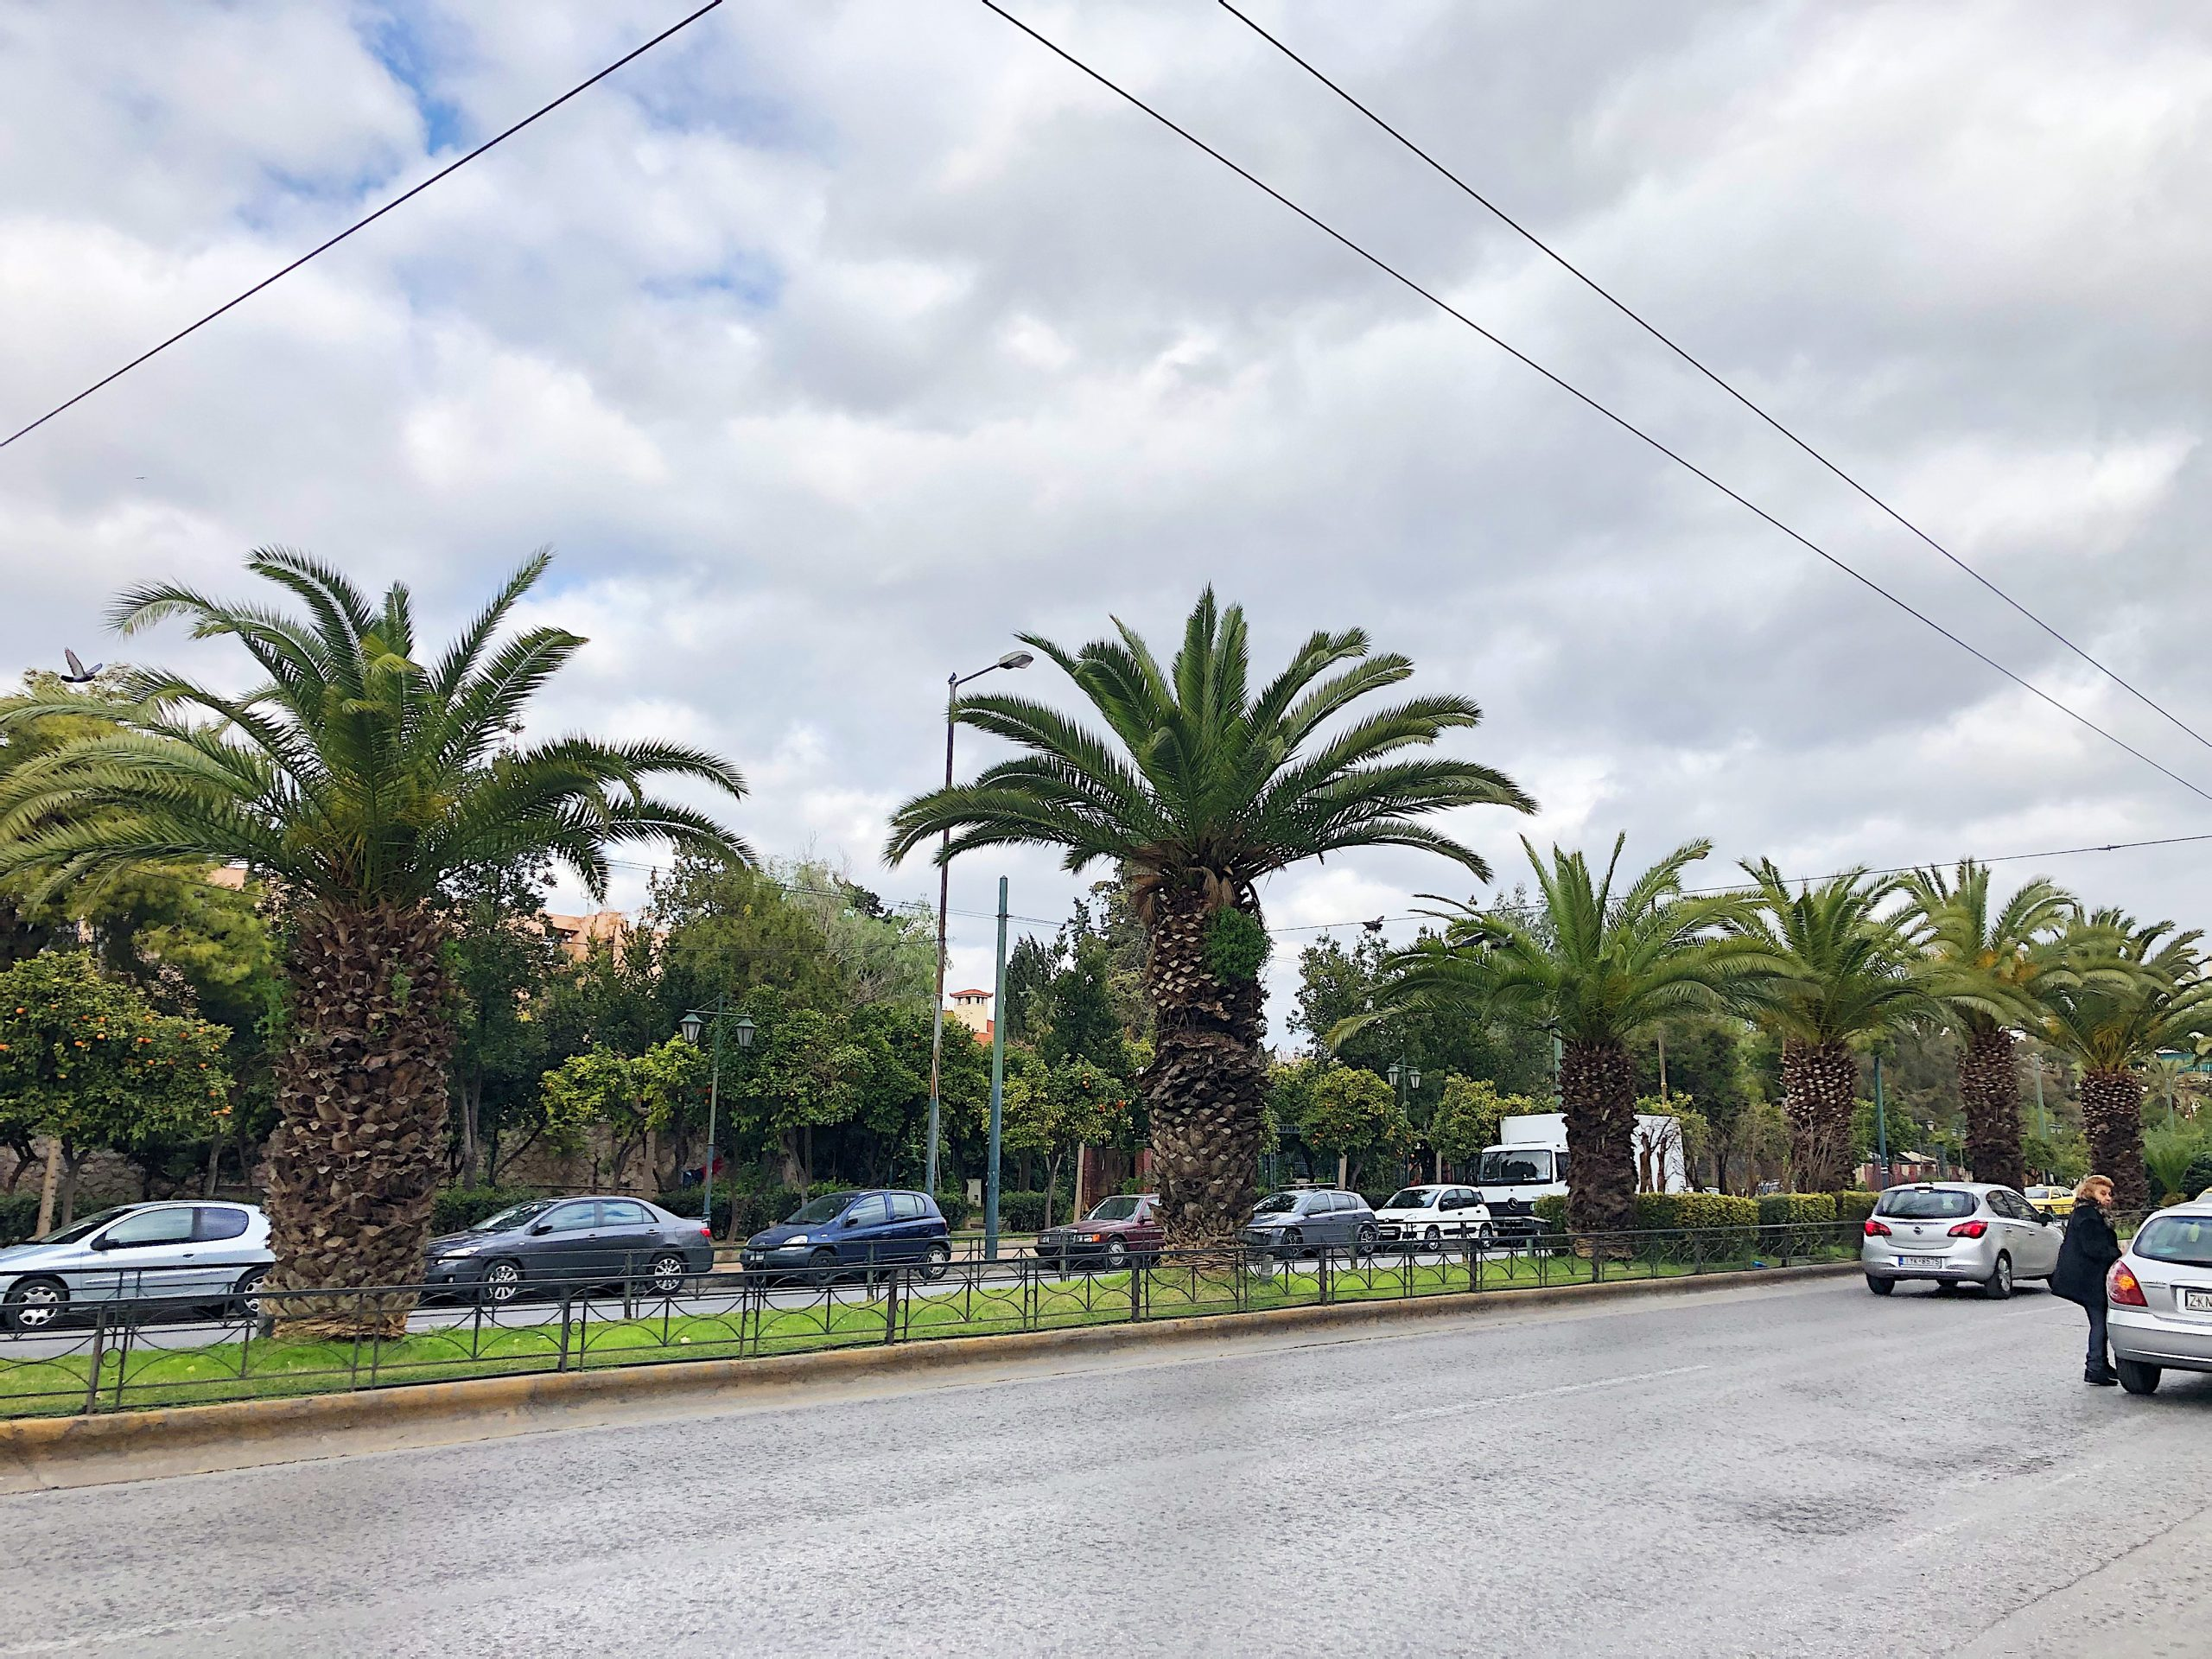 Hauptstraße in Athen, Spuren sind durch eine durchgezogenen Grünstreifen getrennt auf dem in Abständen Palmen stehen